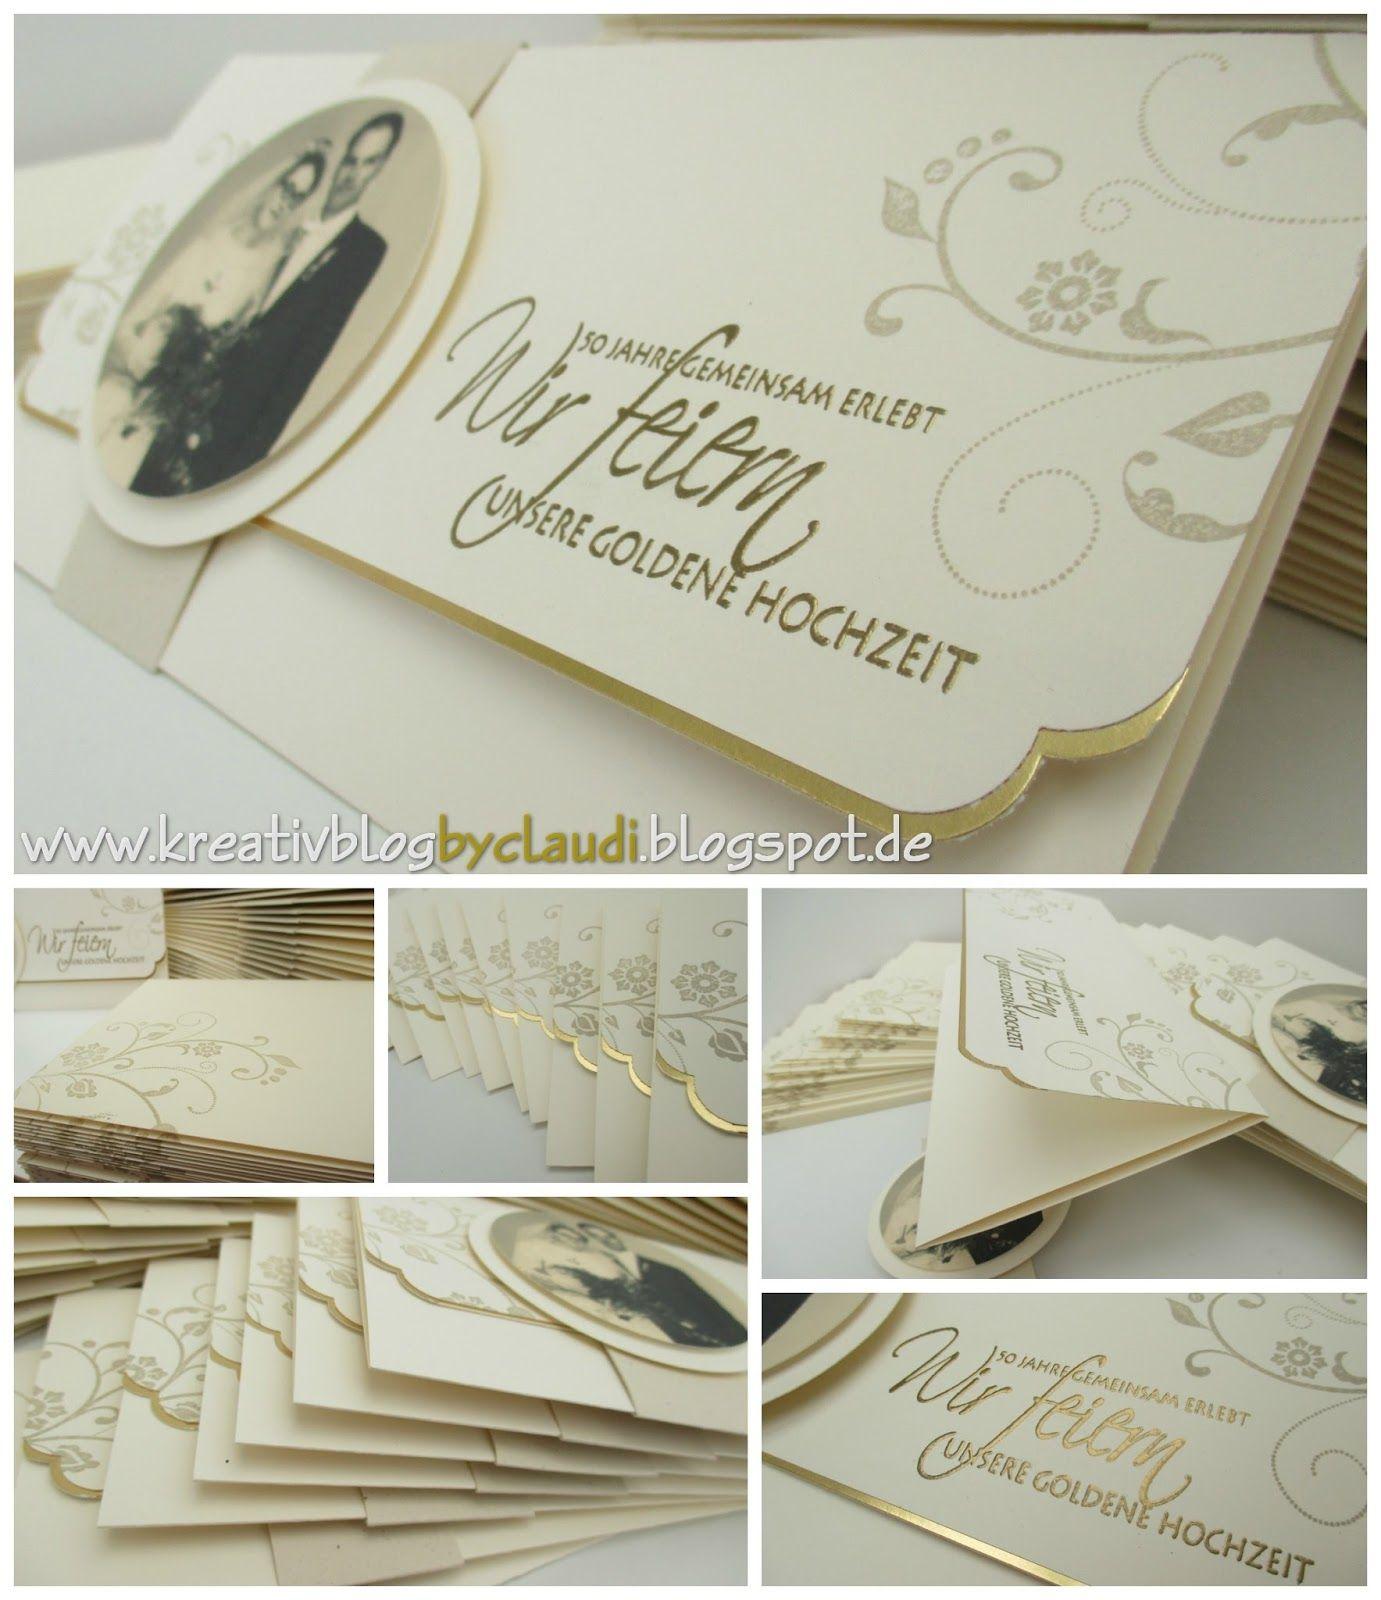 Knapp 60 Einladungen Zur Goldenen Hochzeit Sind Letzte Woche Entstanden Was So E Einladung Goldene Hochzeit Einladungskarten Goldene Hochzeit Goldene Hochzeit